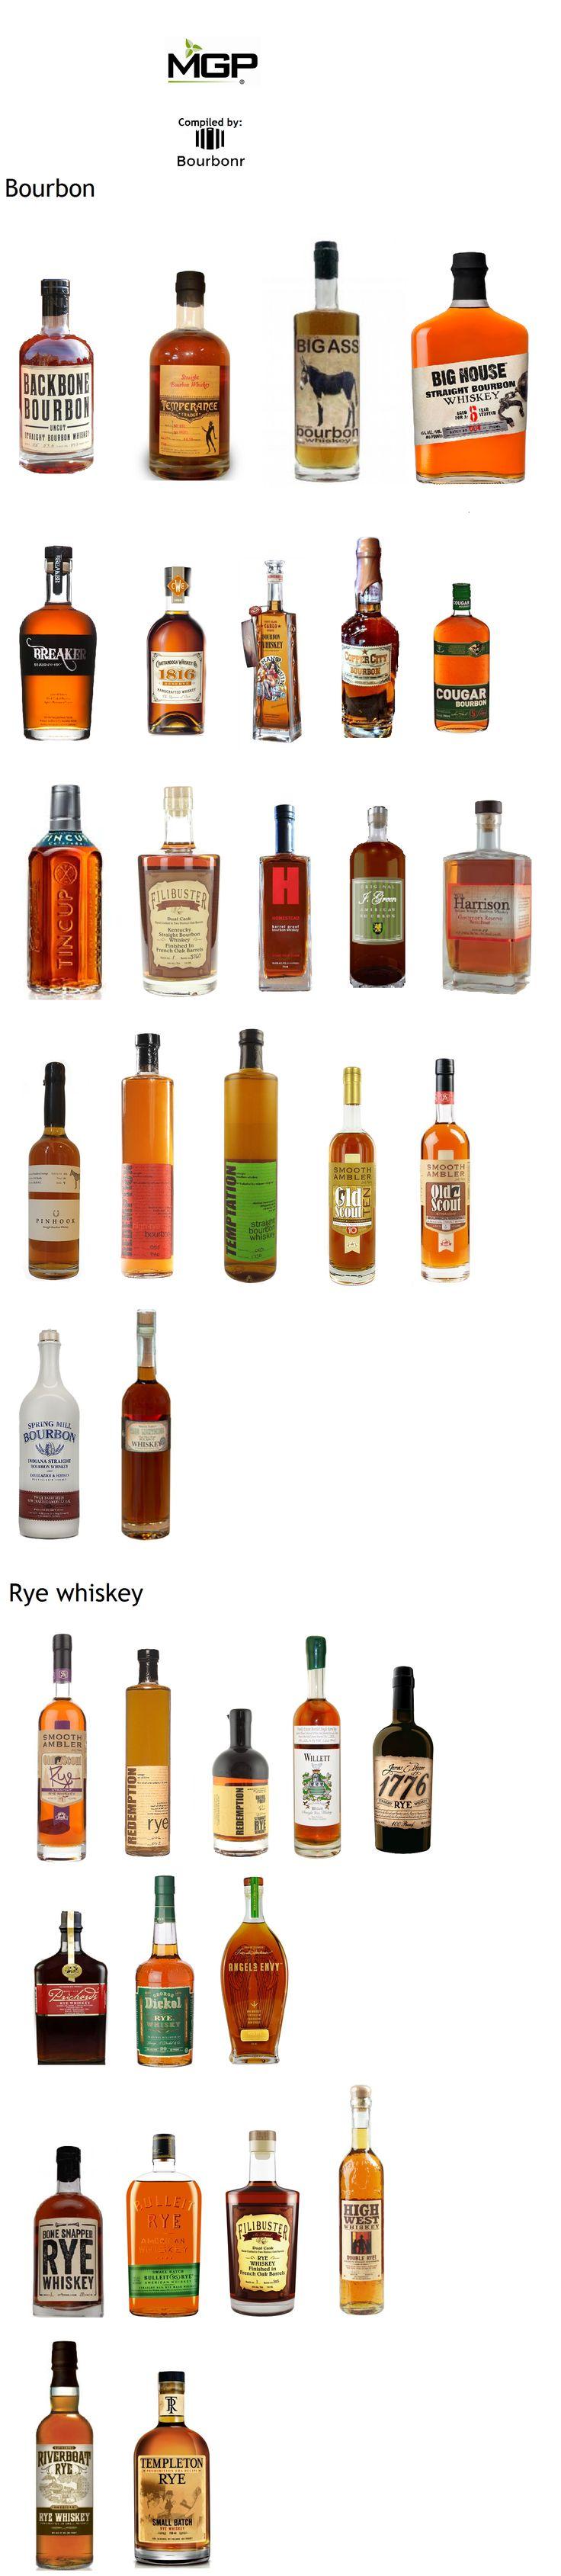 21 best Advertisements ~ alcohol images on Pinterest | Liquor ...